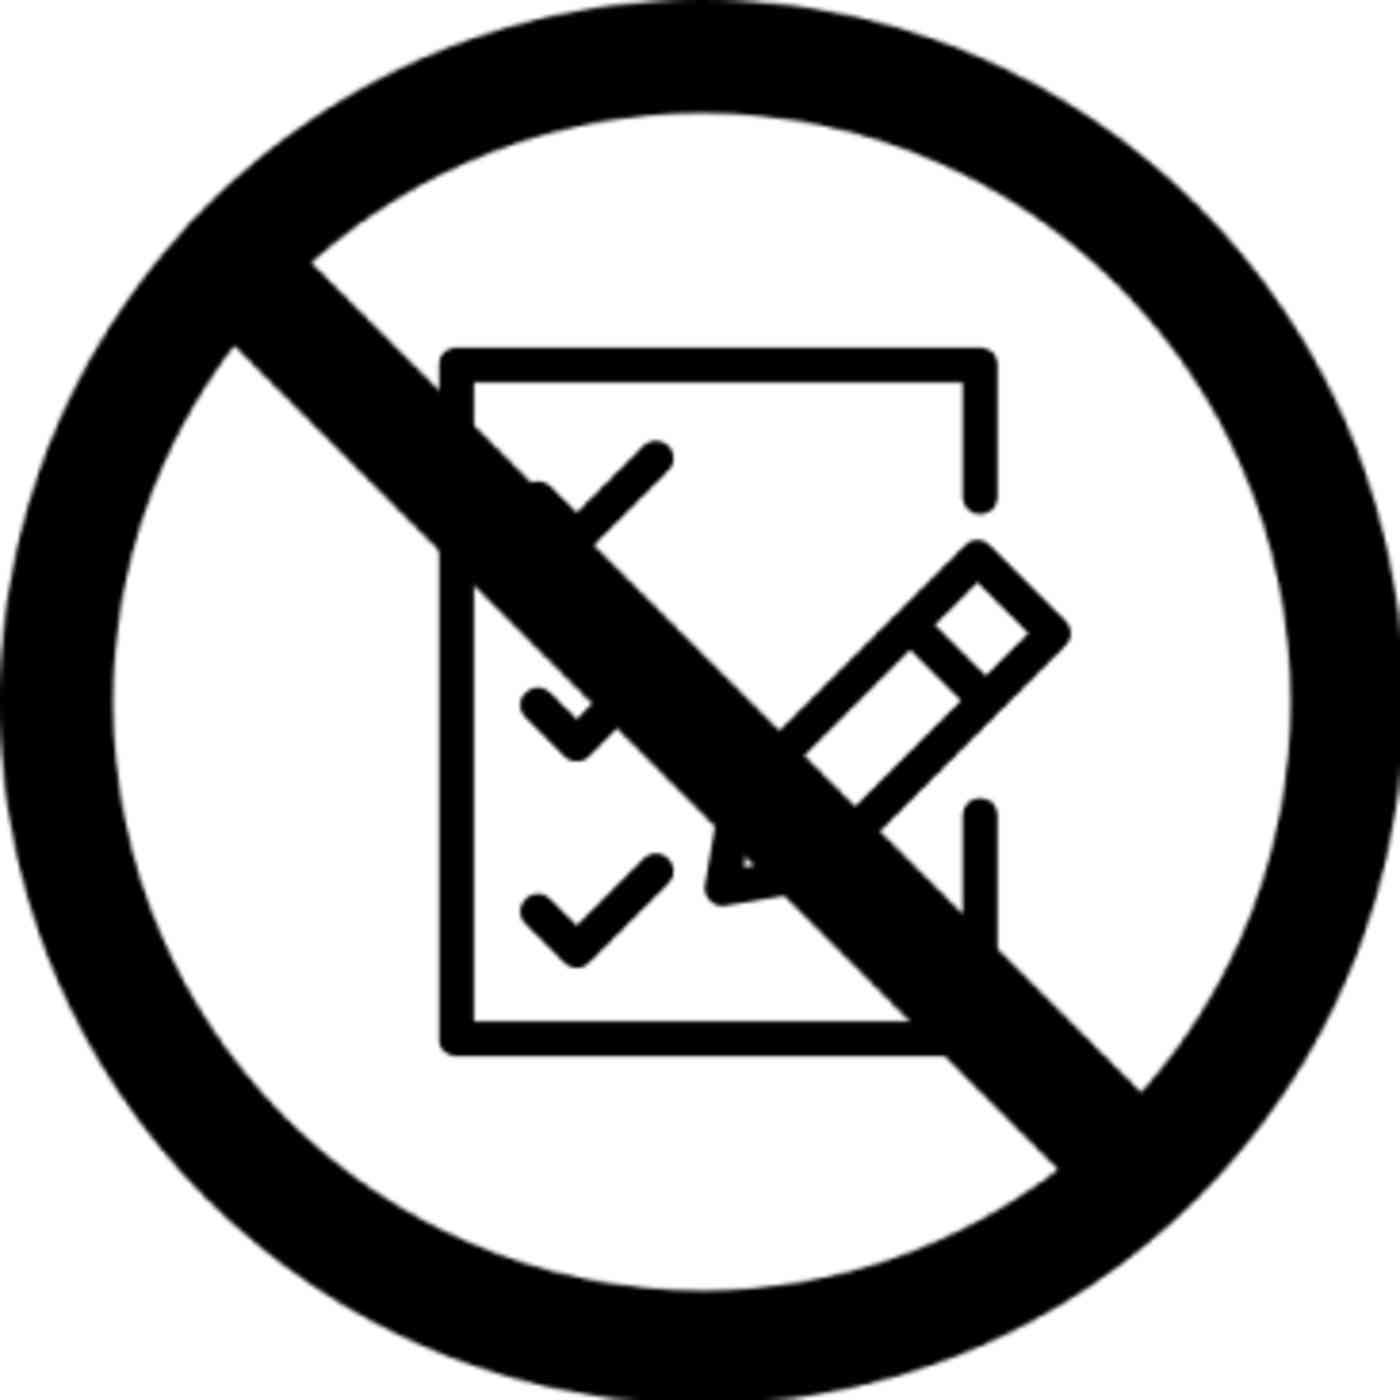 Lista de verificación sin símbolo encima